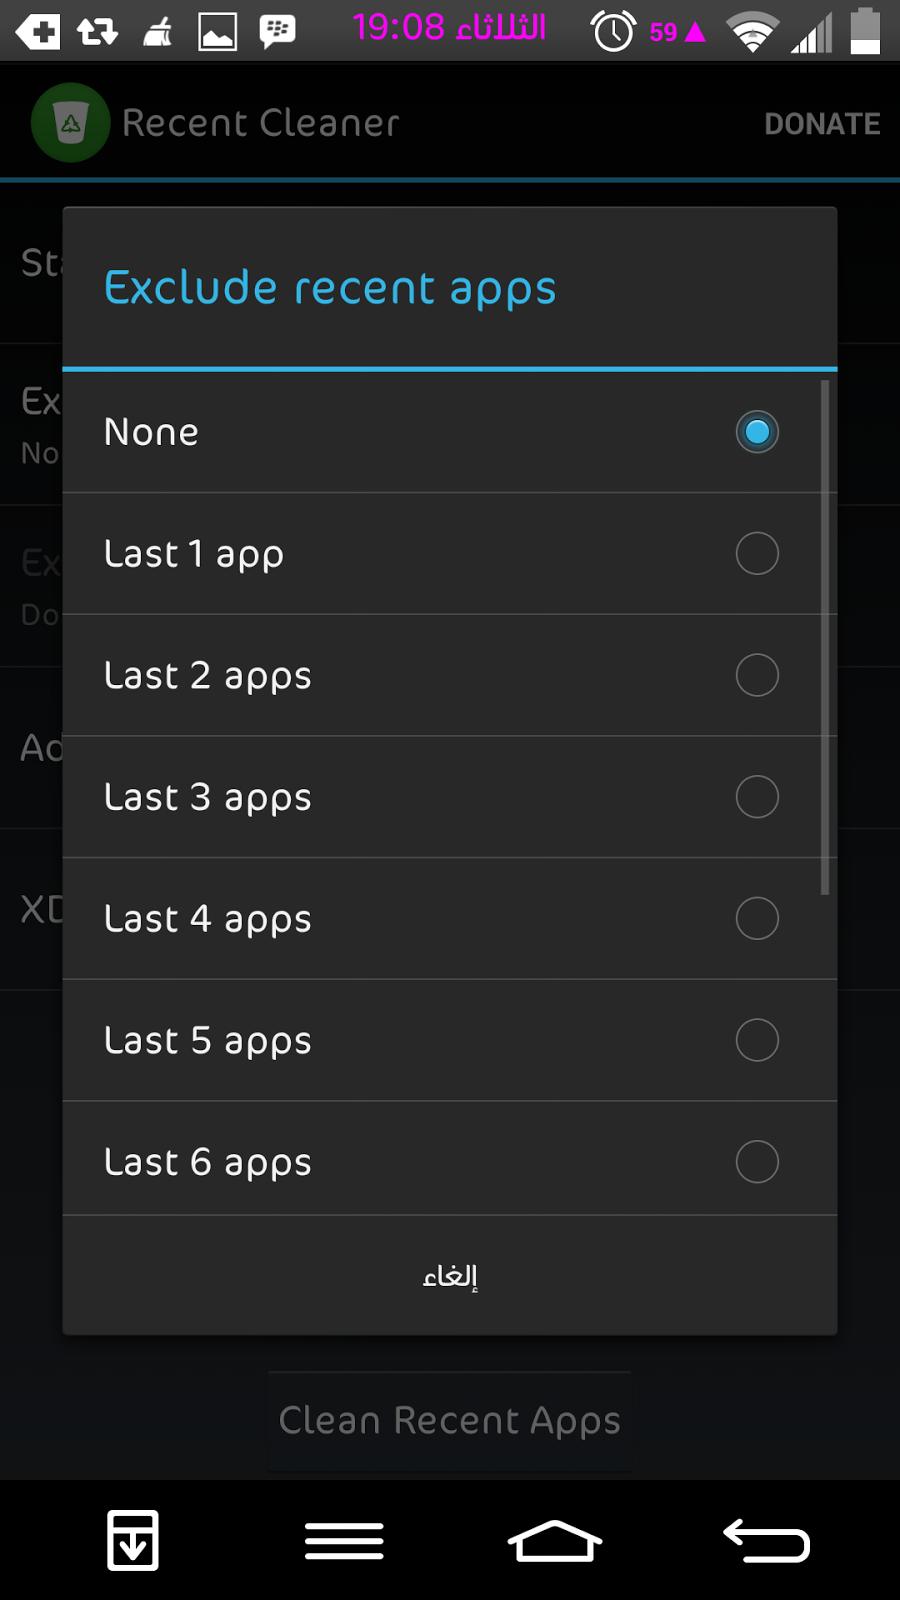 حول نظامك الاندرويد ليتناسب مع احتياجاتك للشكل الذي تريد باستخدام تطبيق Xposed (الجزء الرابع) | بحرية درويد